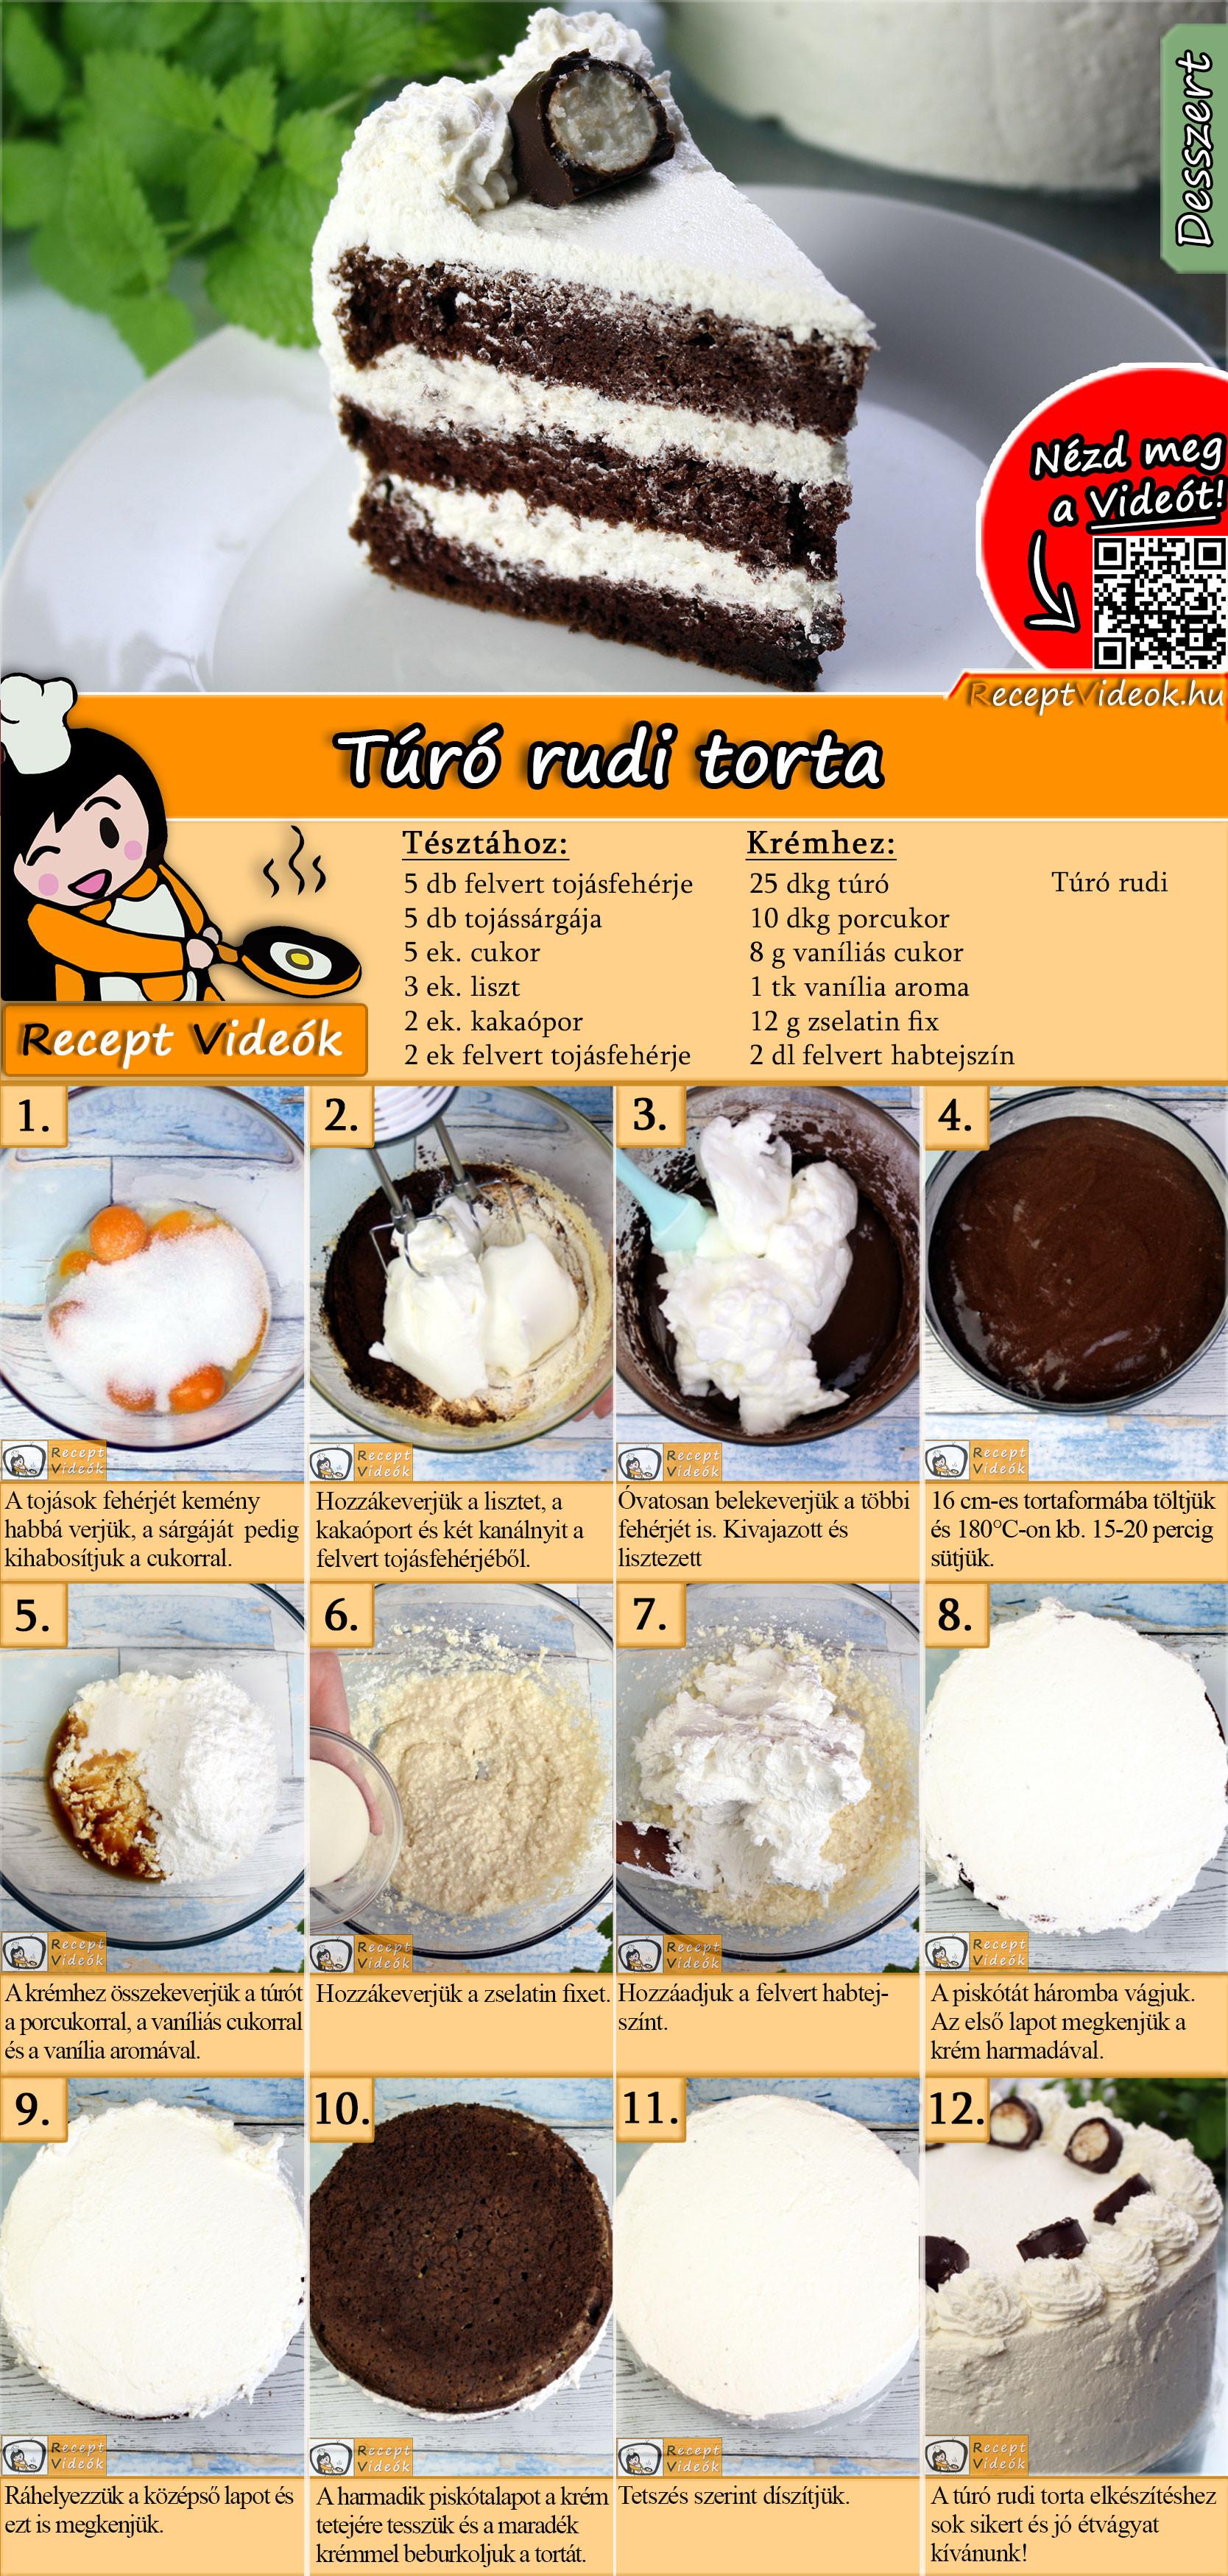 Túró rudi torta recept elkészítése videóval